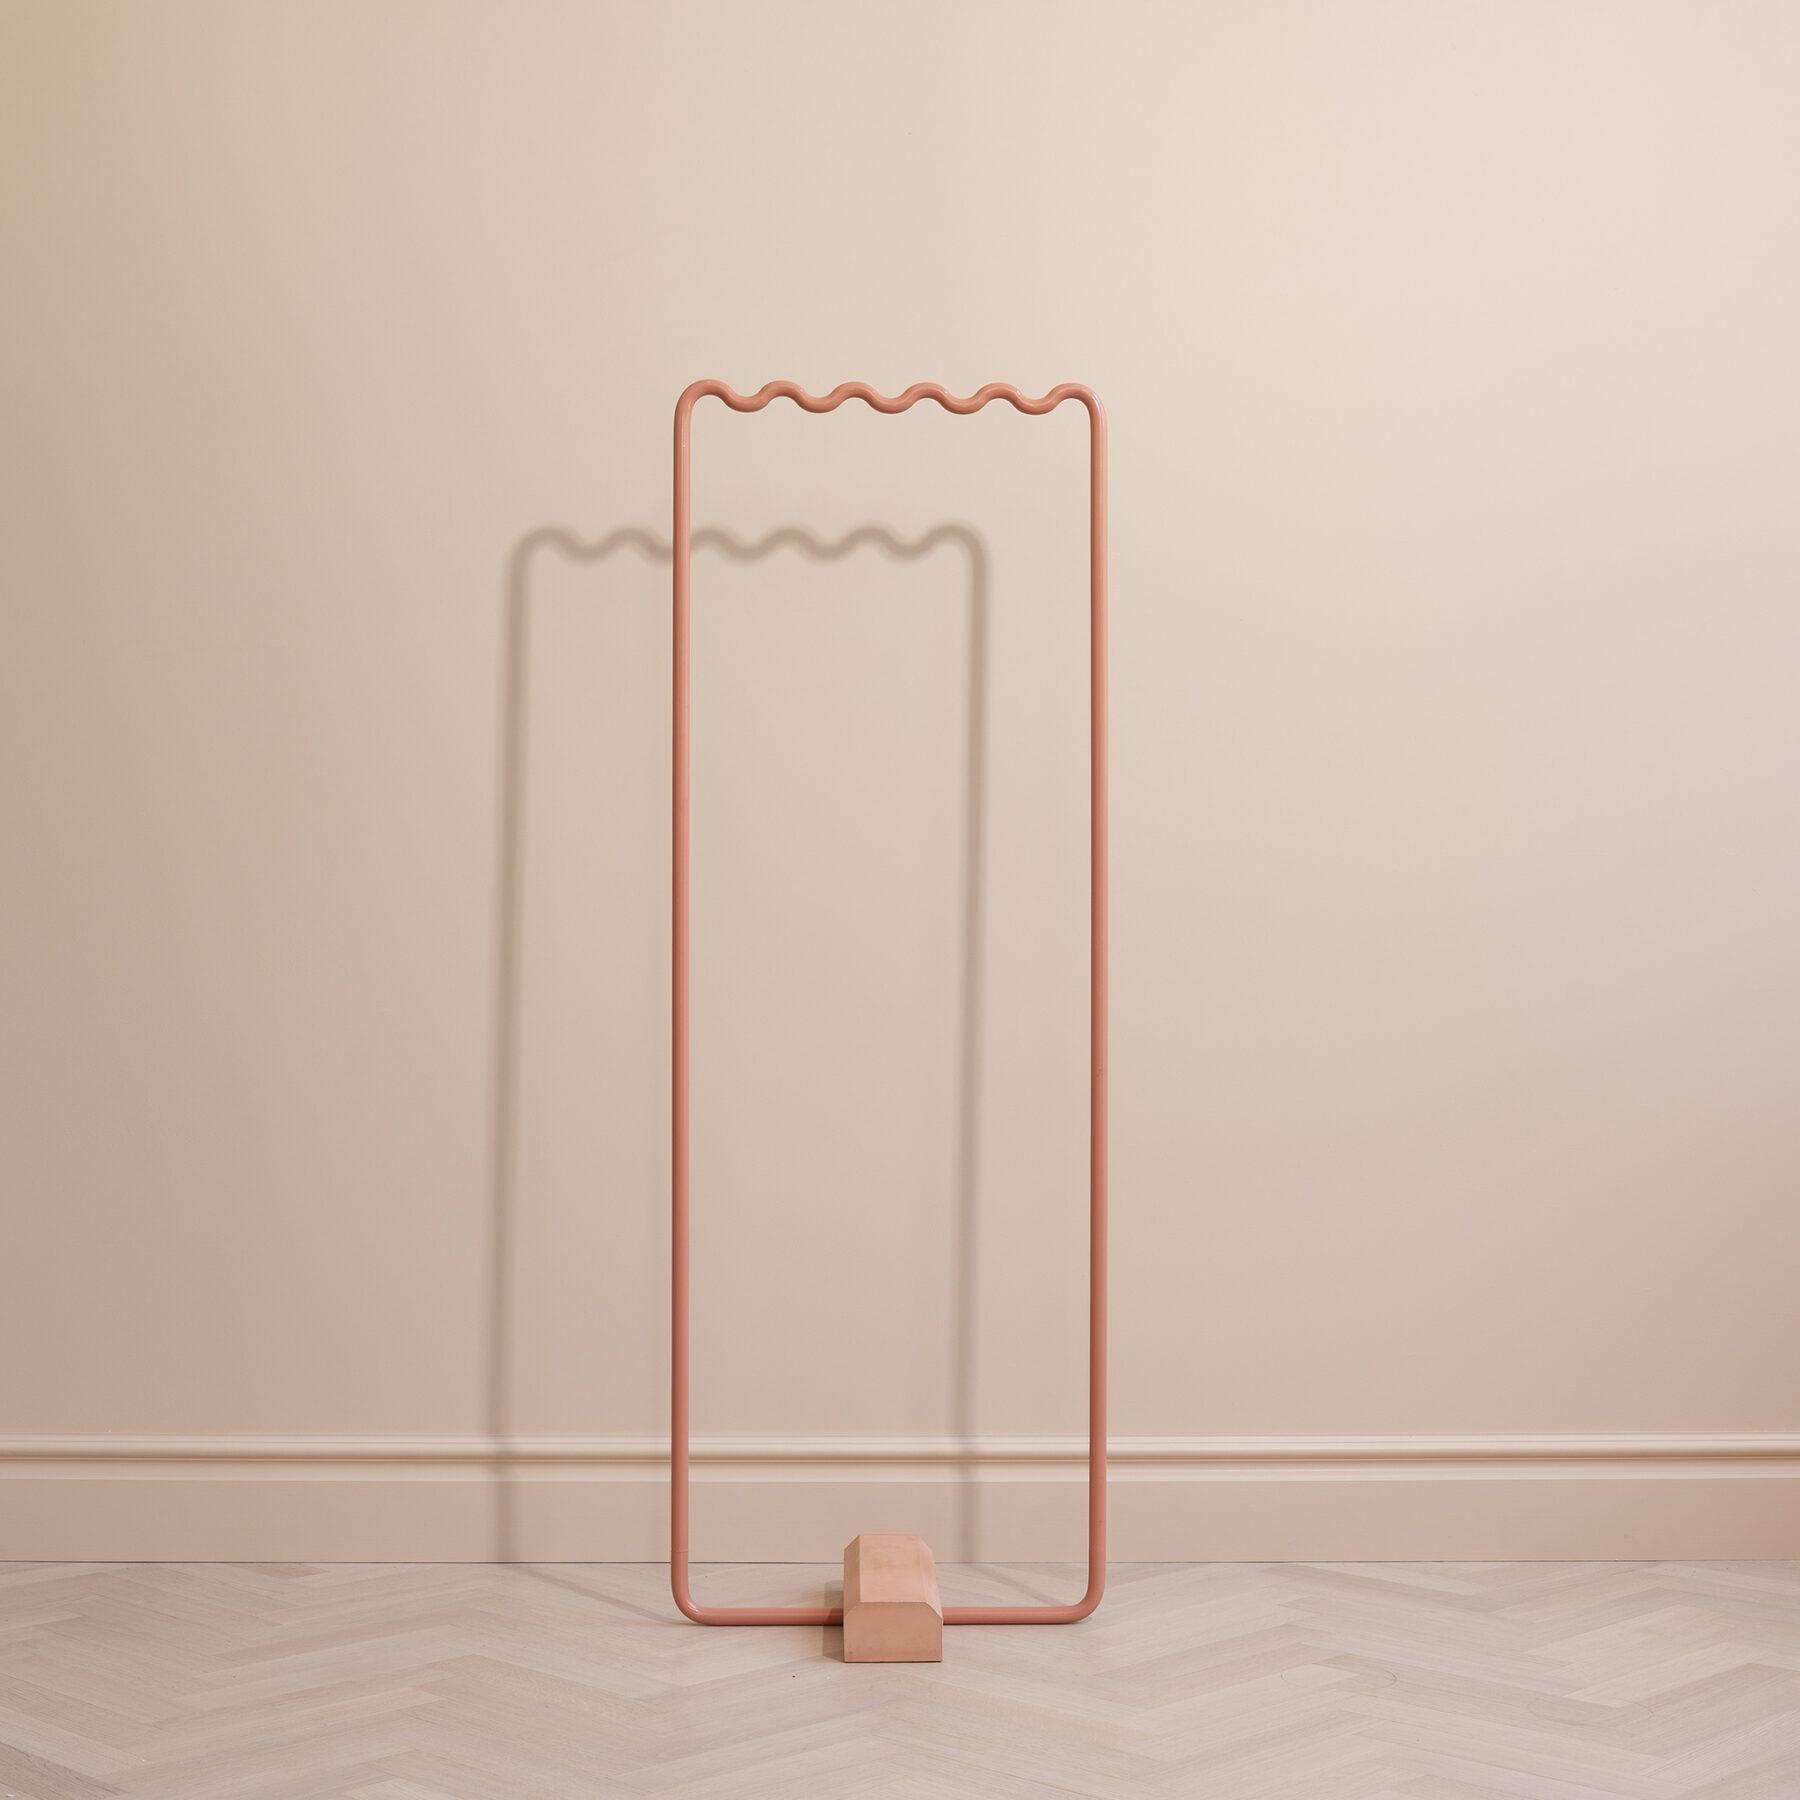 Toniton-sine-hanger-studio-eo-small-peach